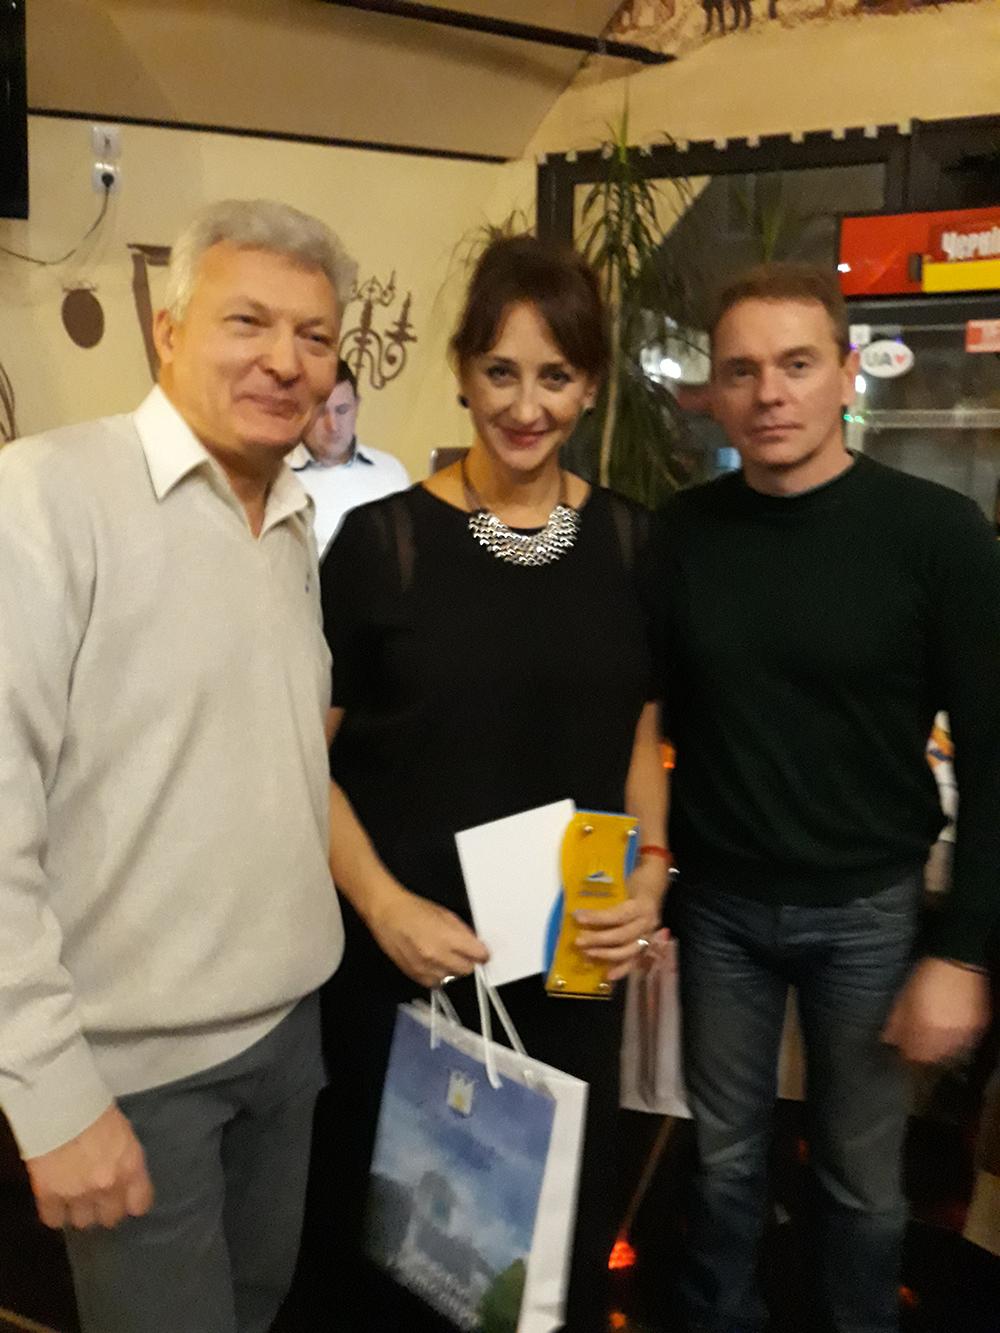 Романа Сіренко отримала нагороду за 3-тє місце у Національному кубку Асоціації з плавання в категорії «Мастерс»